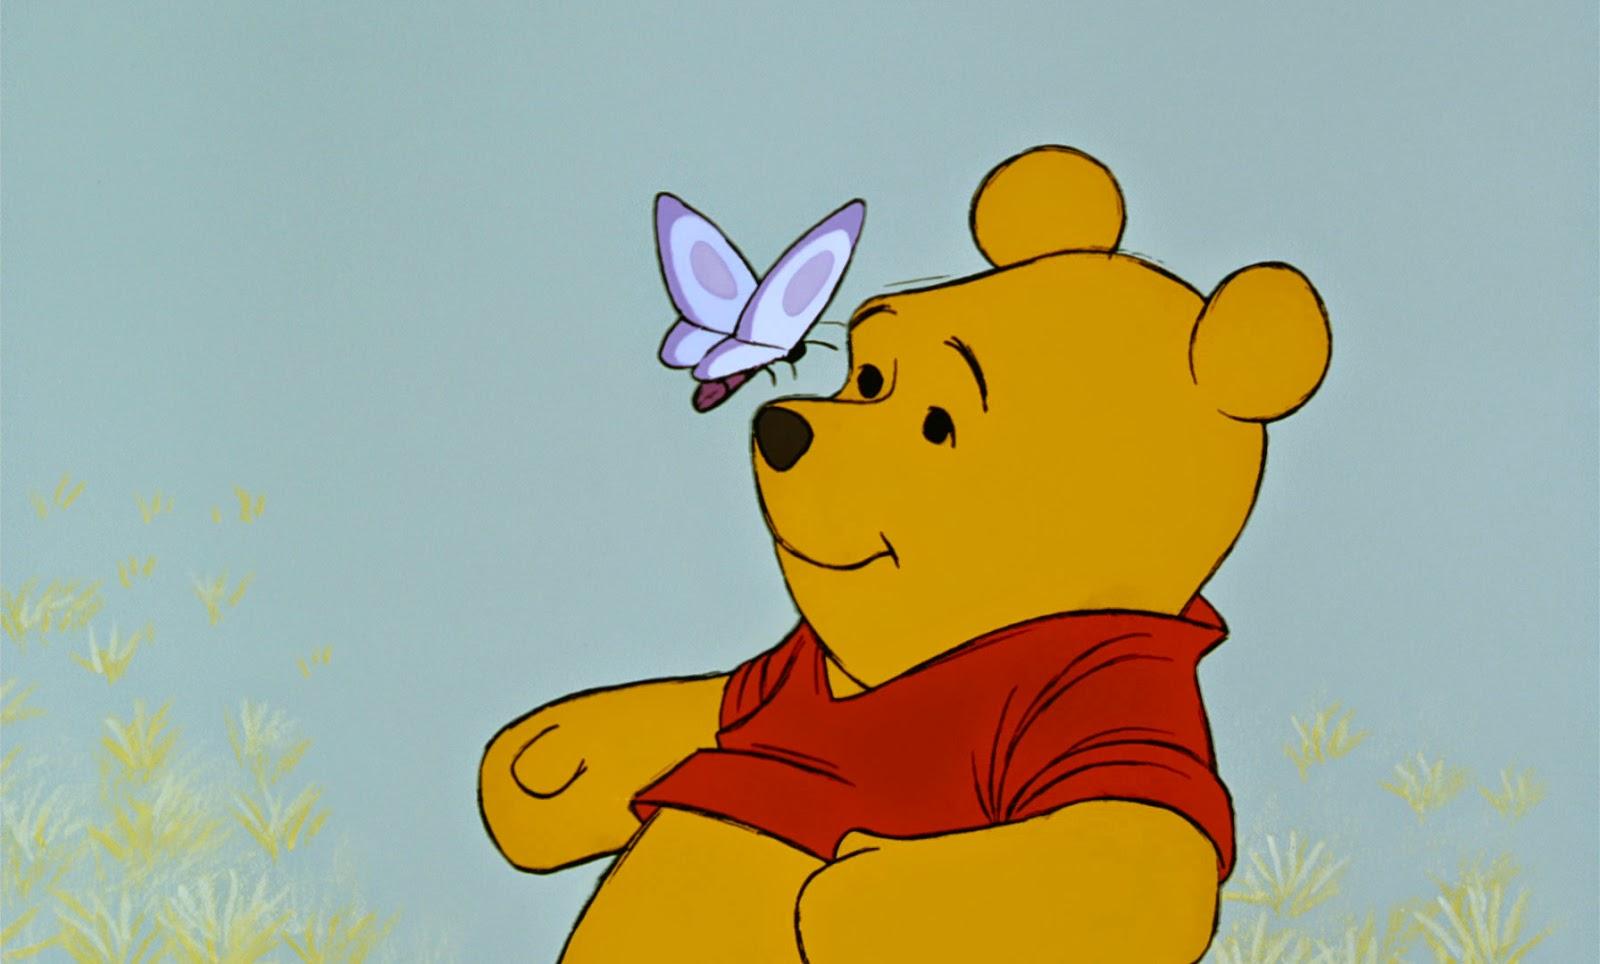 Winnie The Pooh Big Teddy Bear